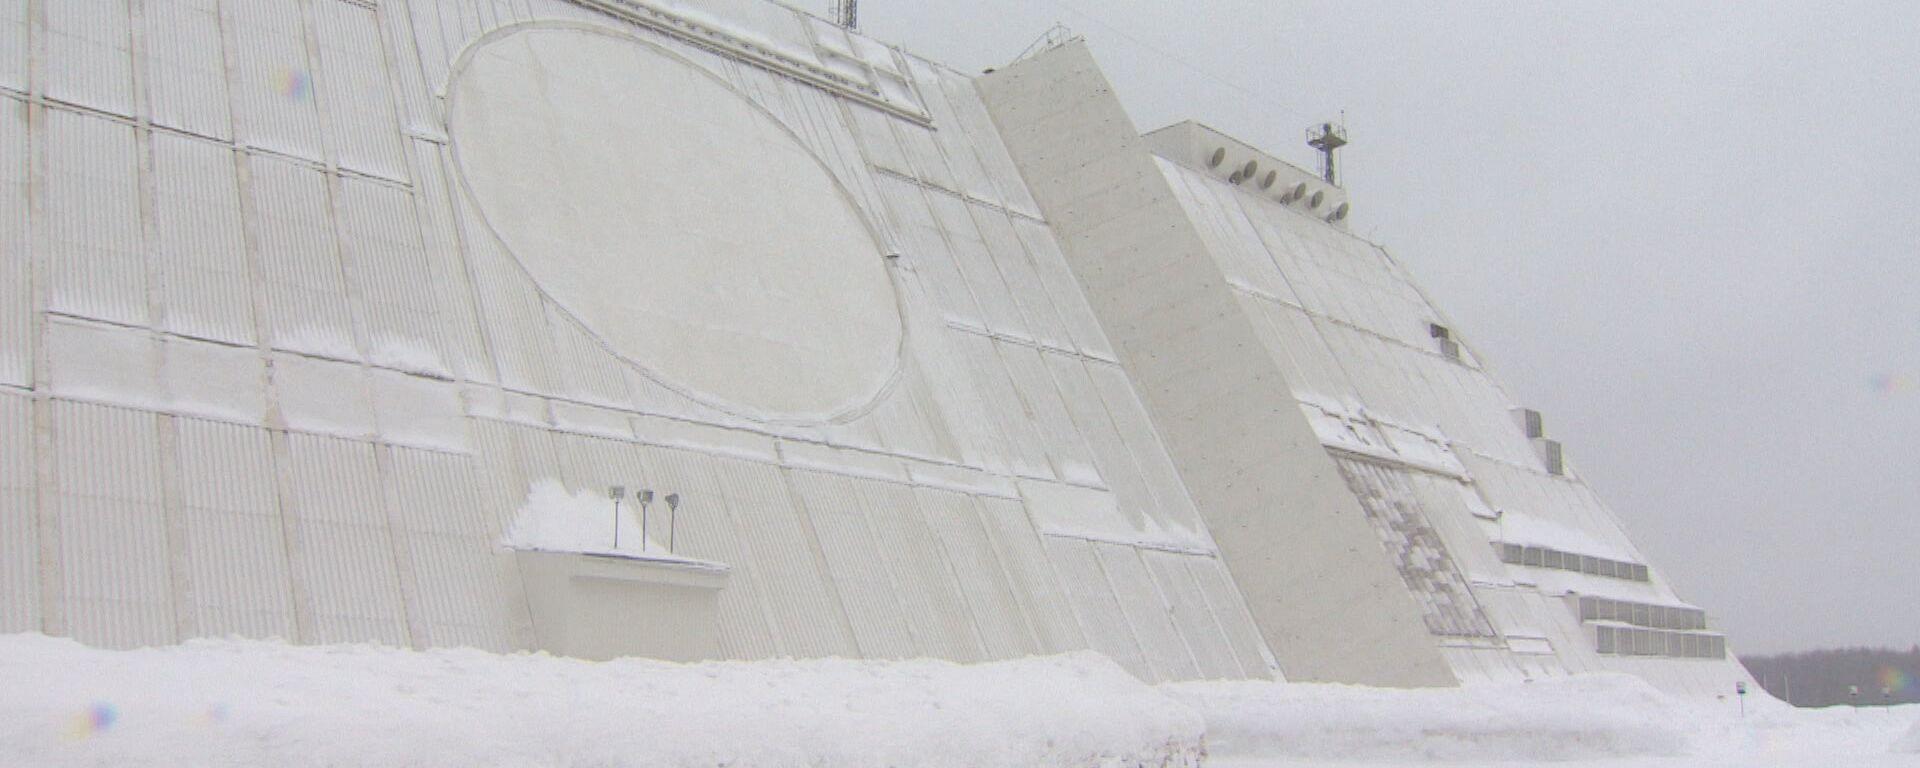 Radarová stanice Don-2N - Sputnik Česká republika, 1920, 25.01.2017